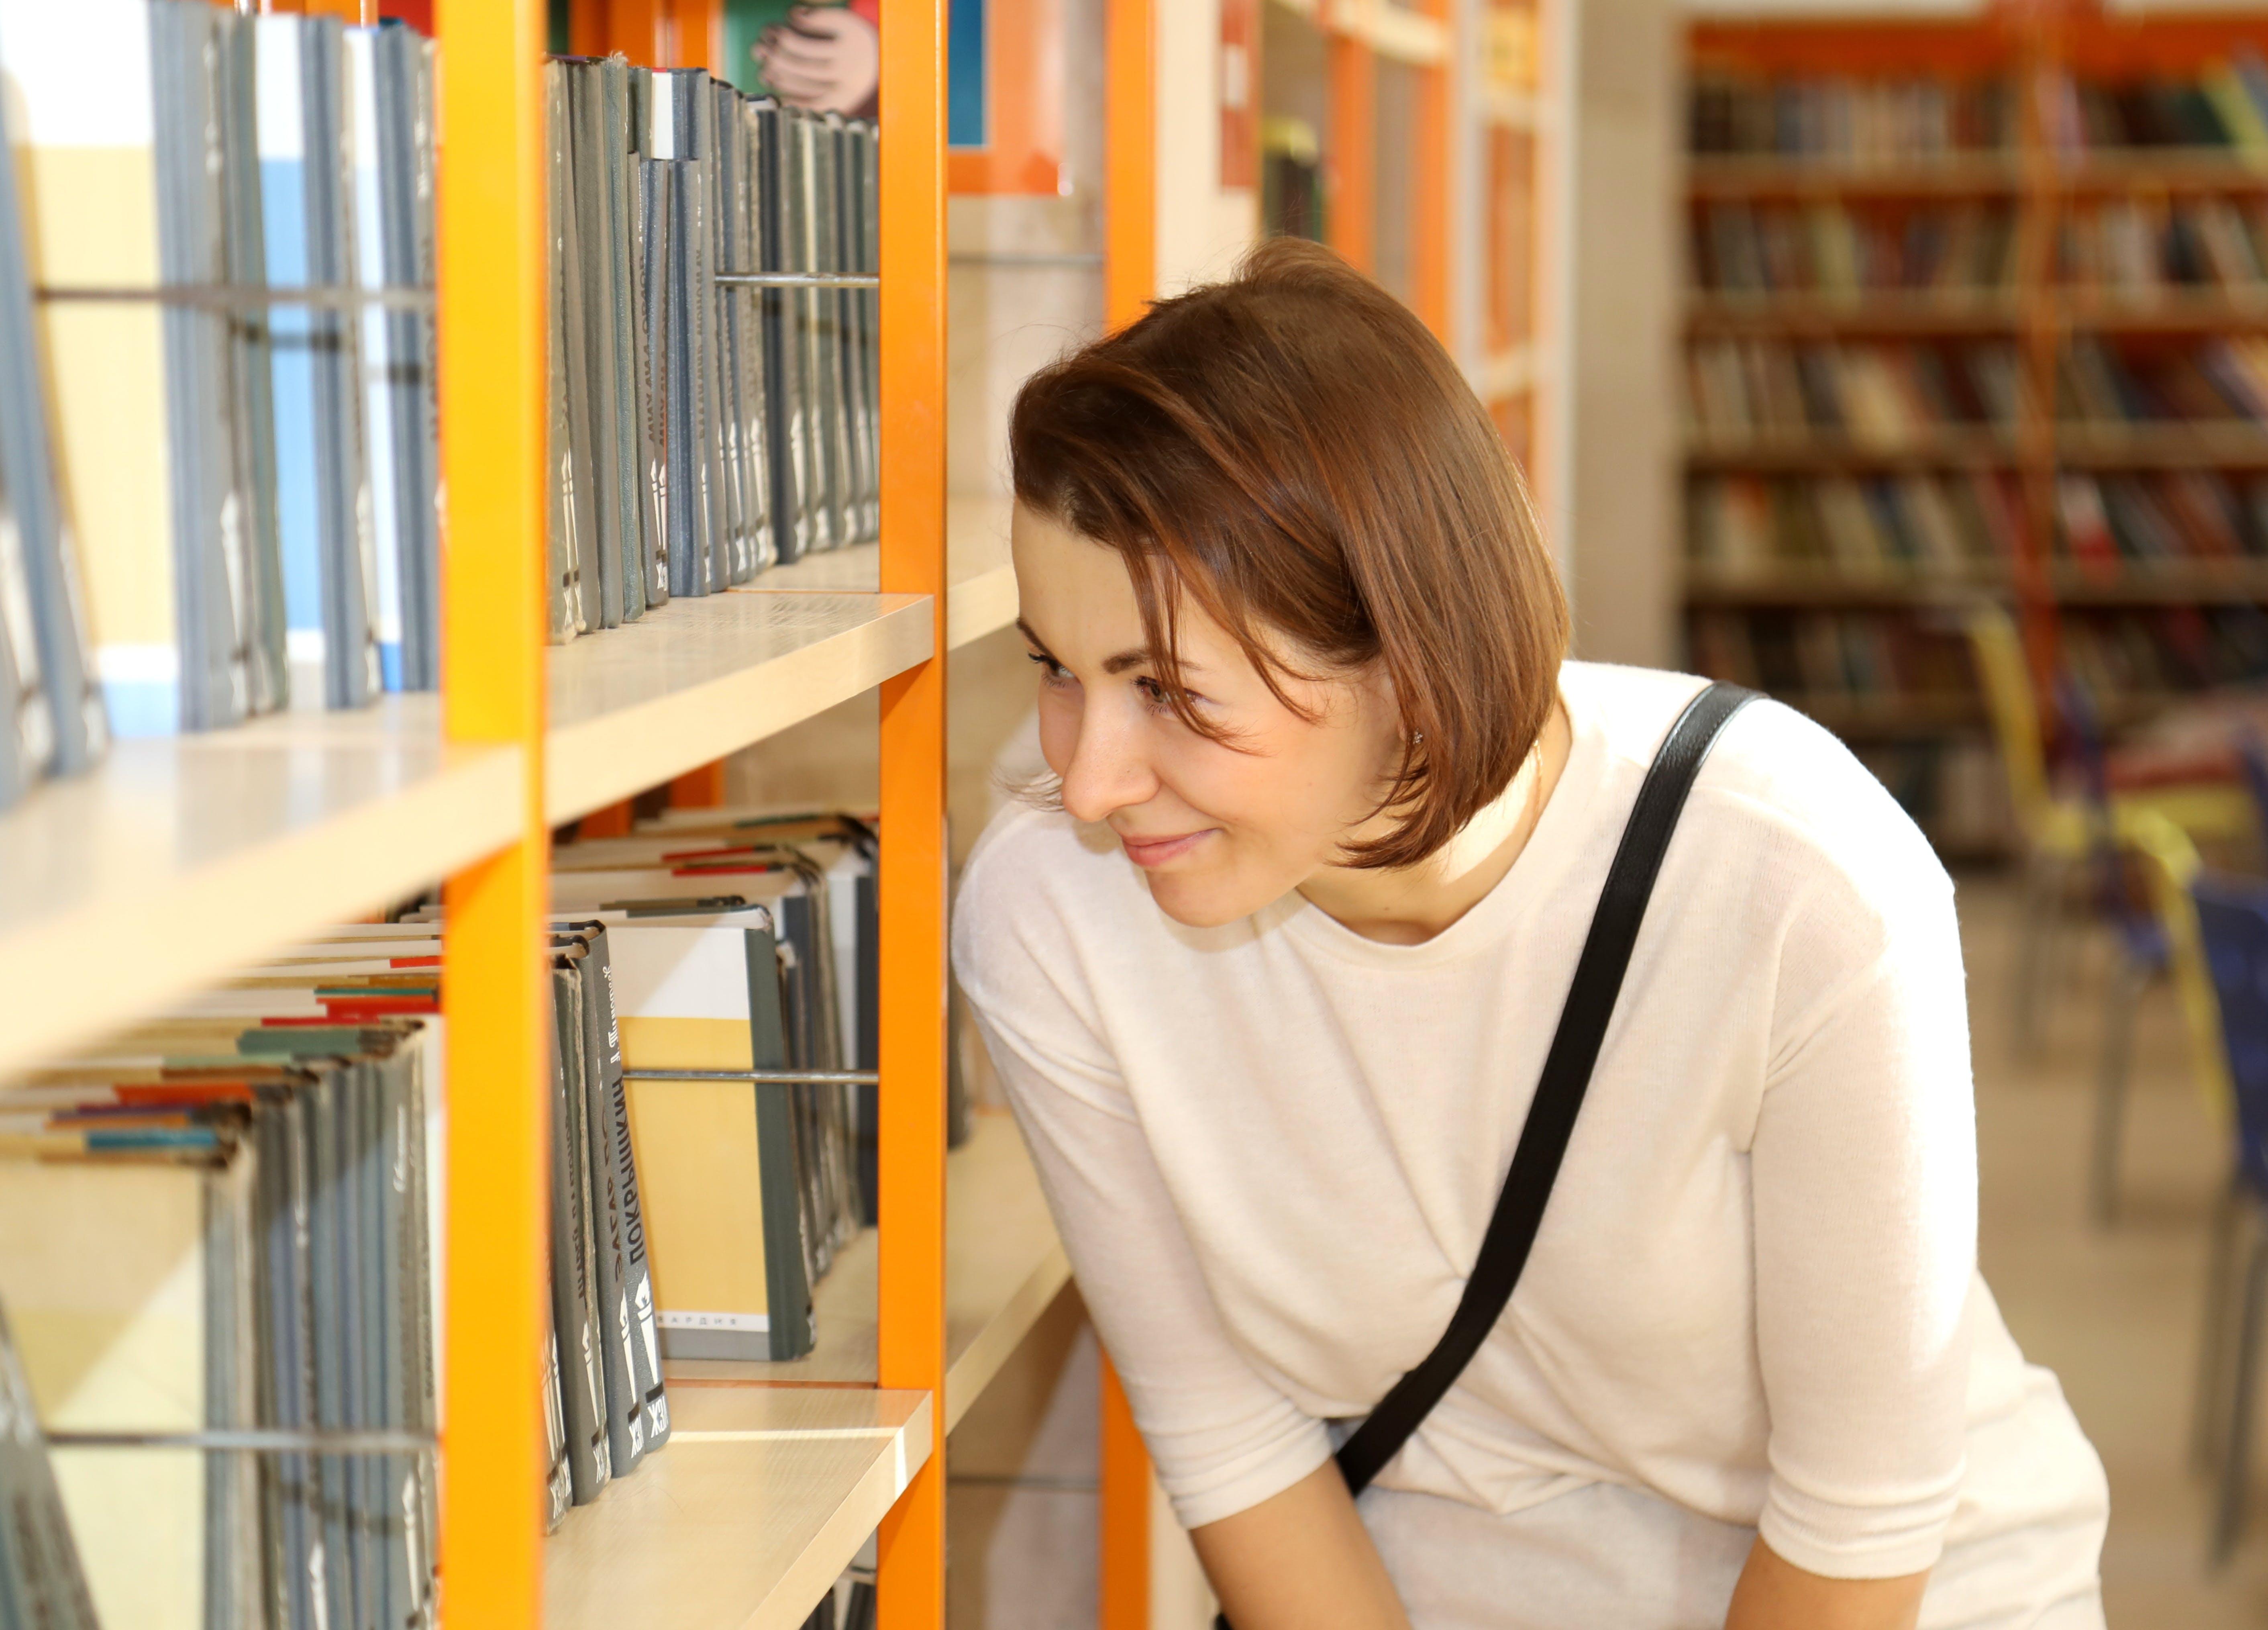 blur, bookcase, books